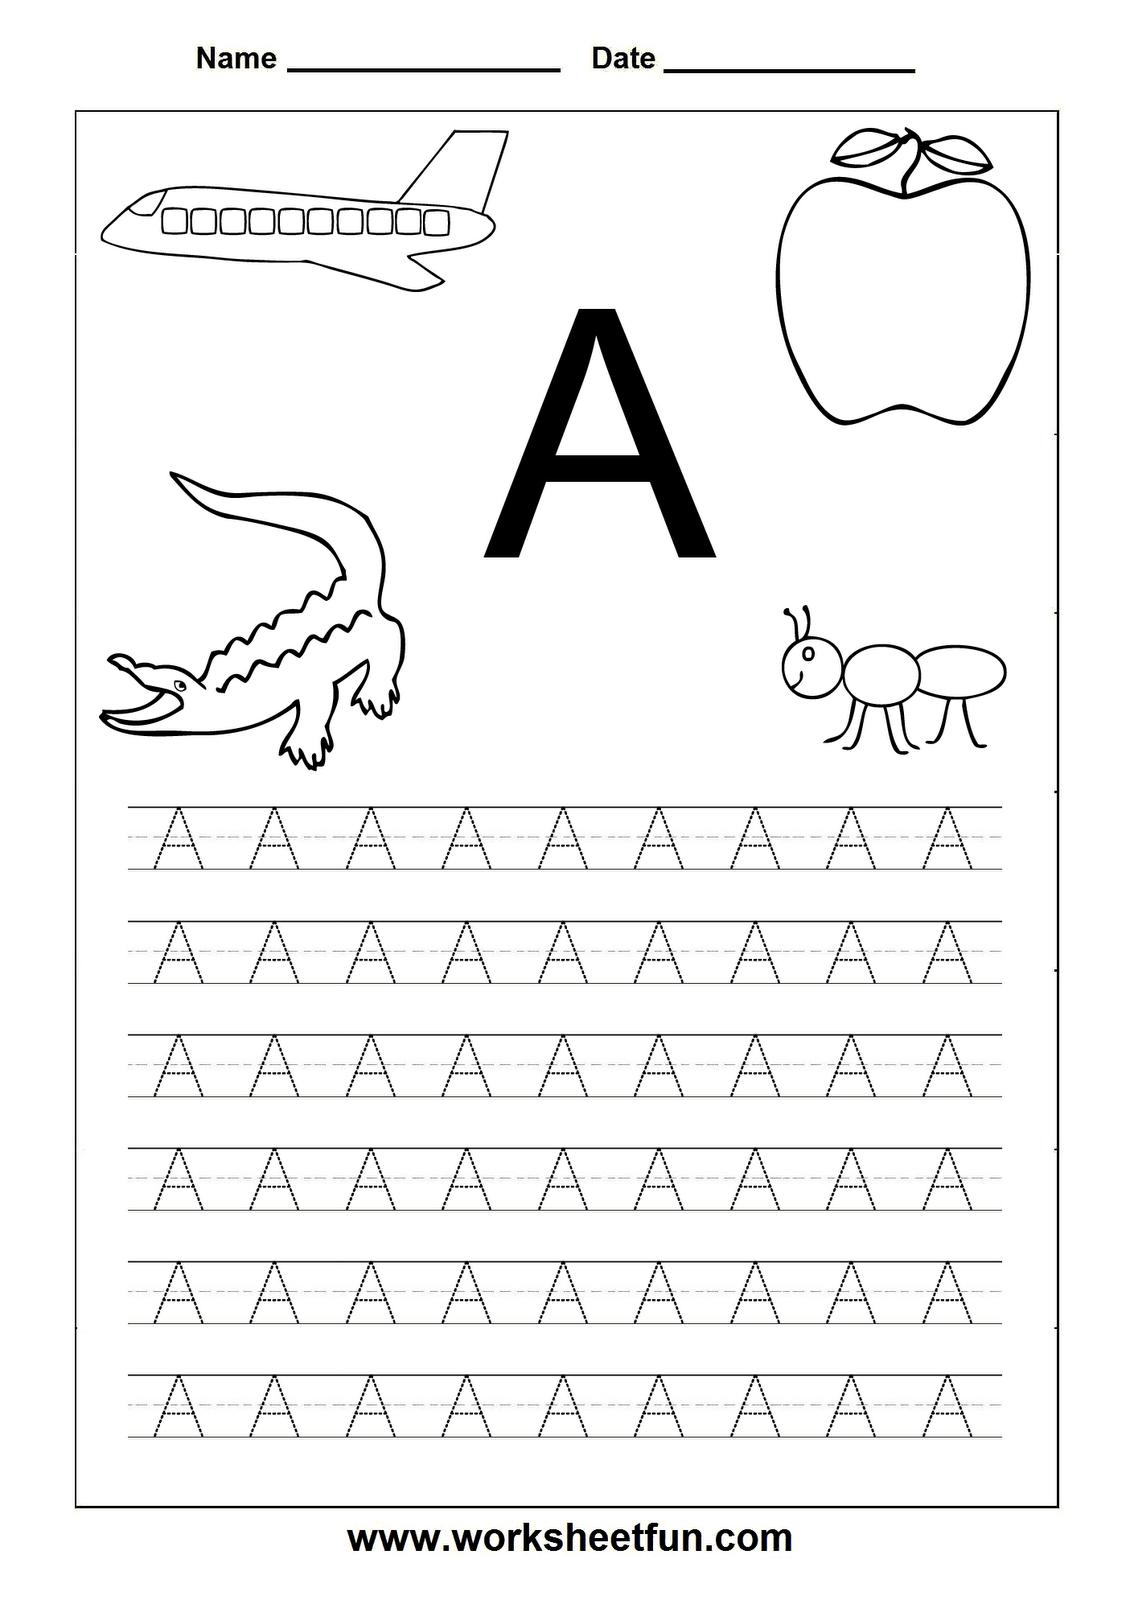 Worksheetfun - Free Printable Worksheets | Toddler Worksheets | Free Printable Letter Worksheets